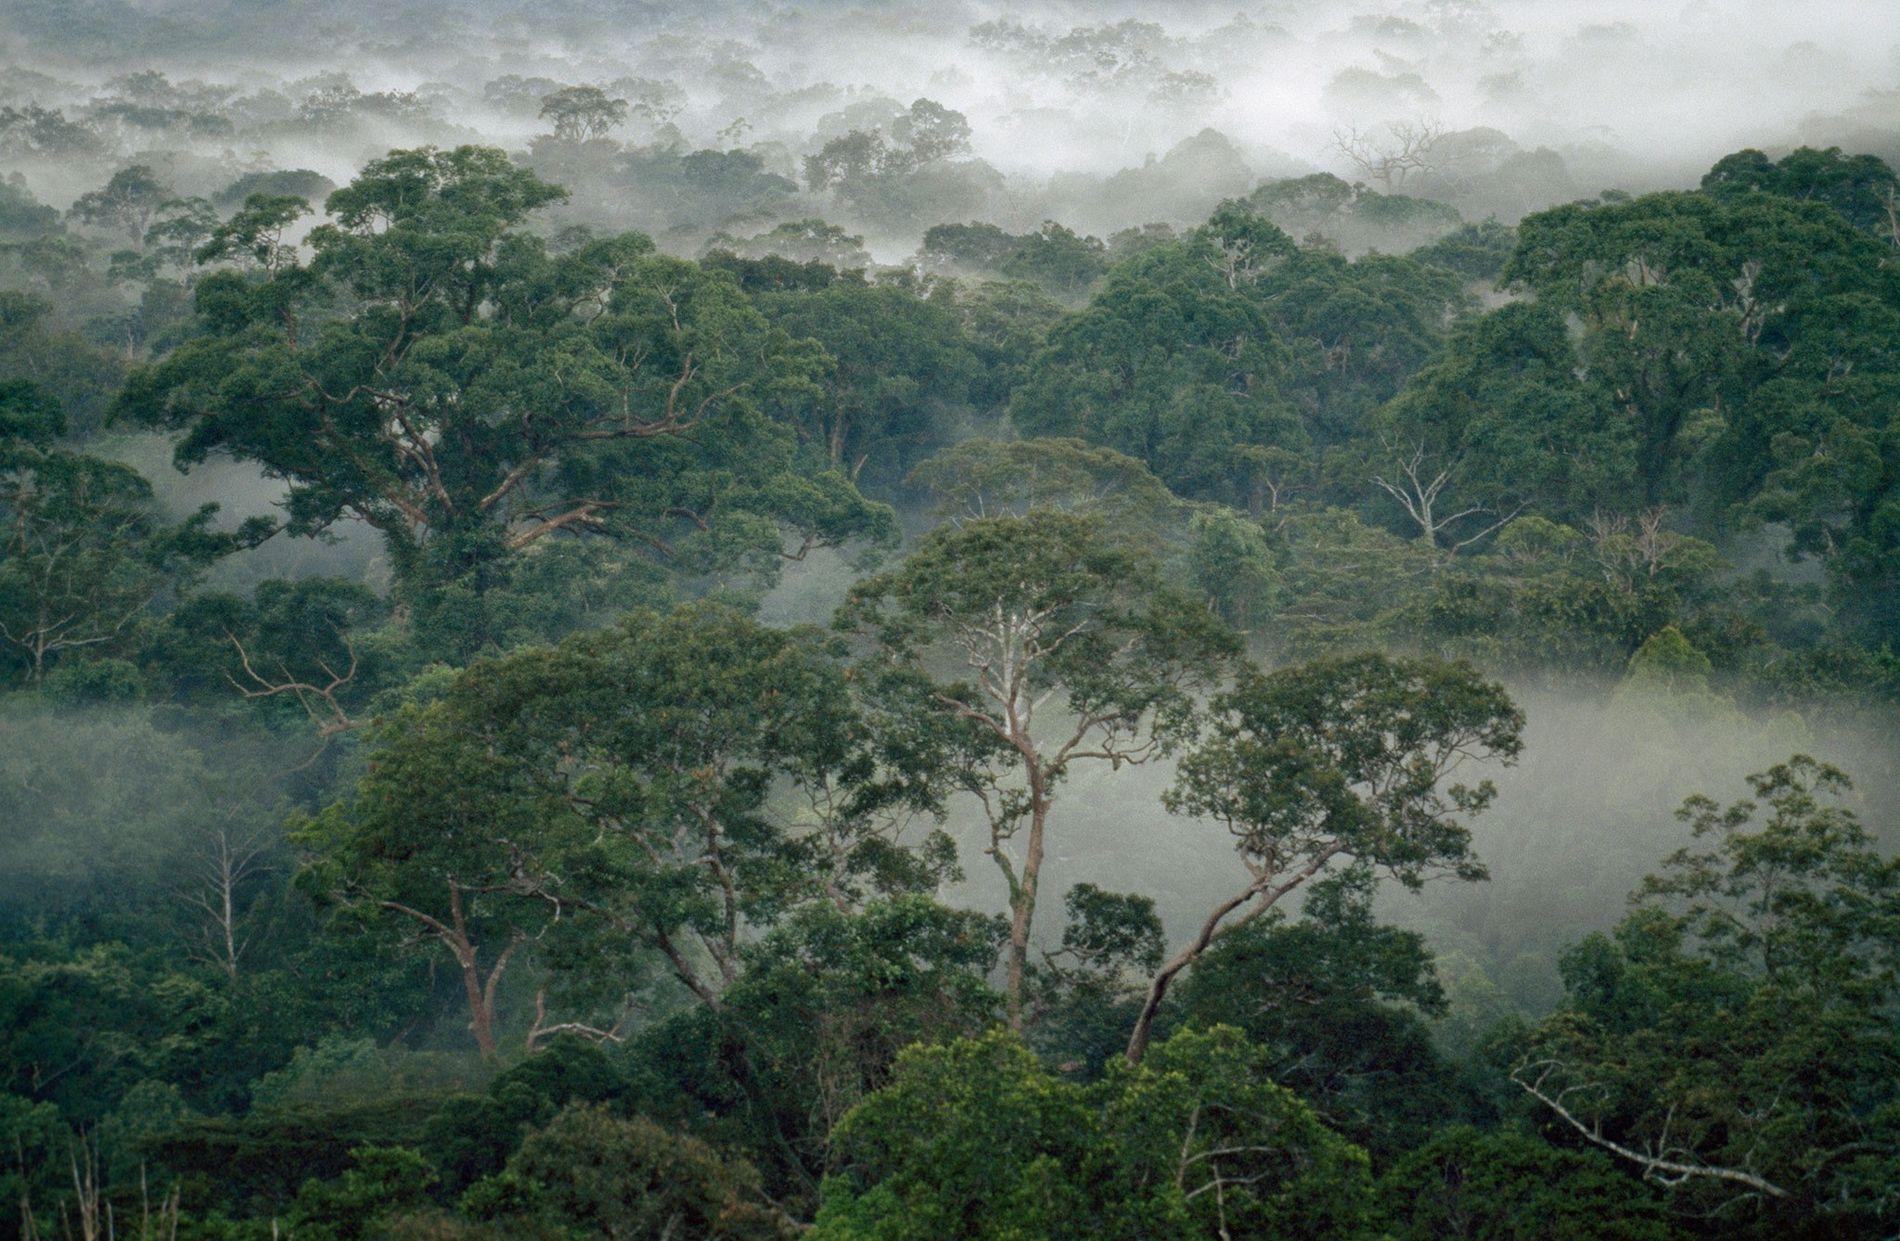 Nebelschwaden durchziehen den Regenwald im Nationalpark Gunung Palung auf Borneo, Indonesien.